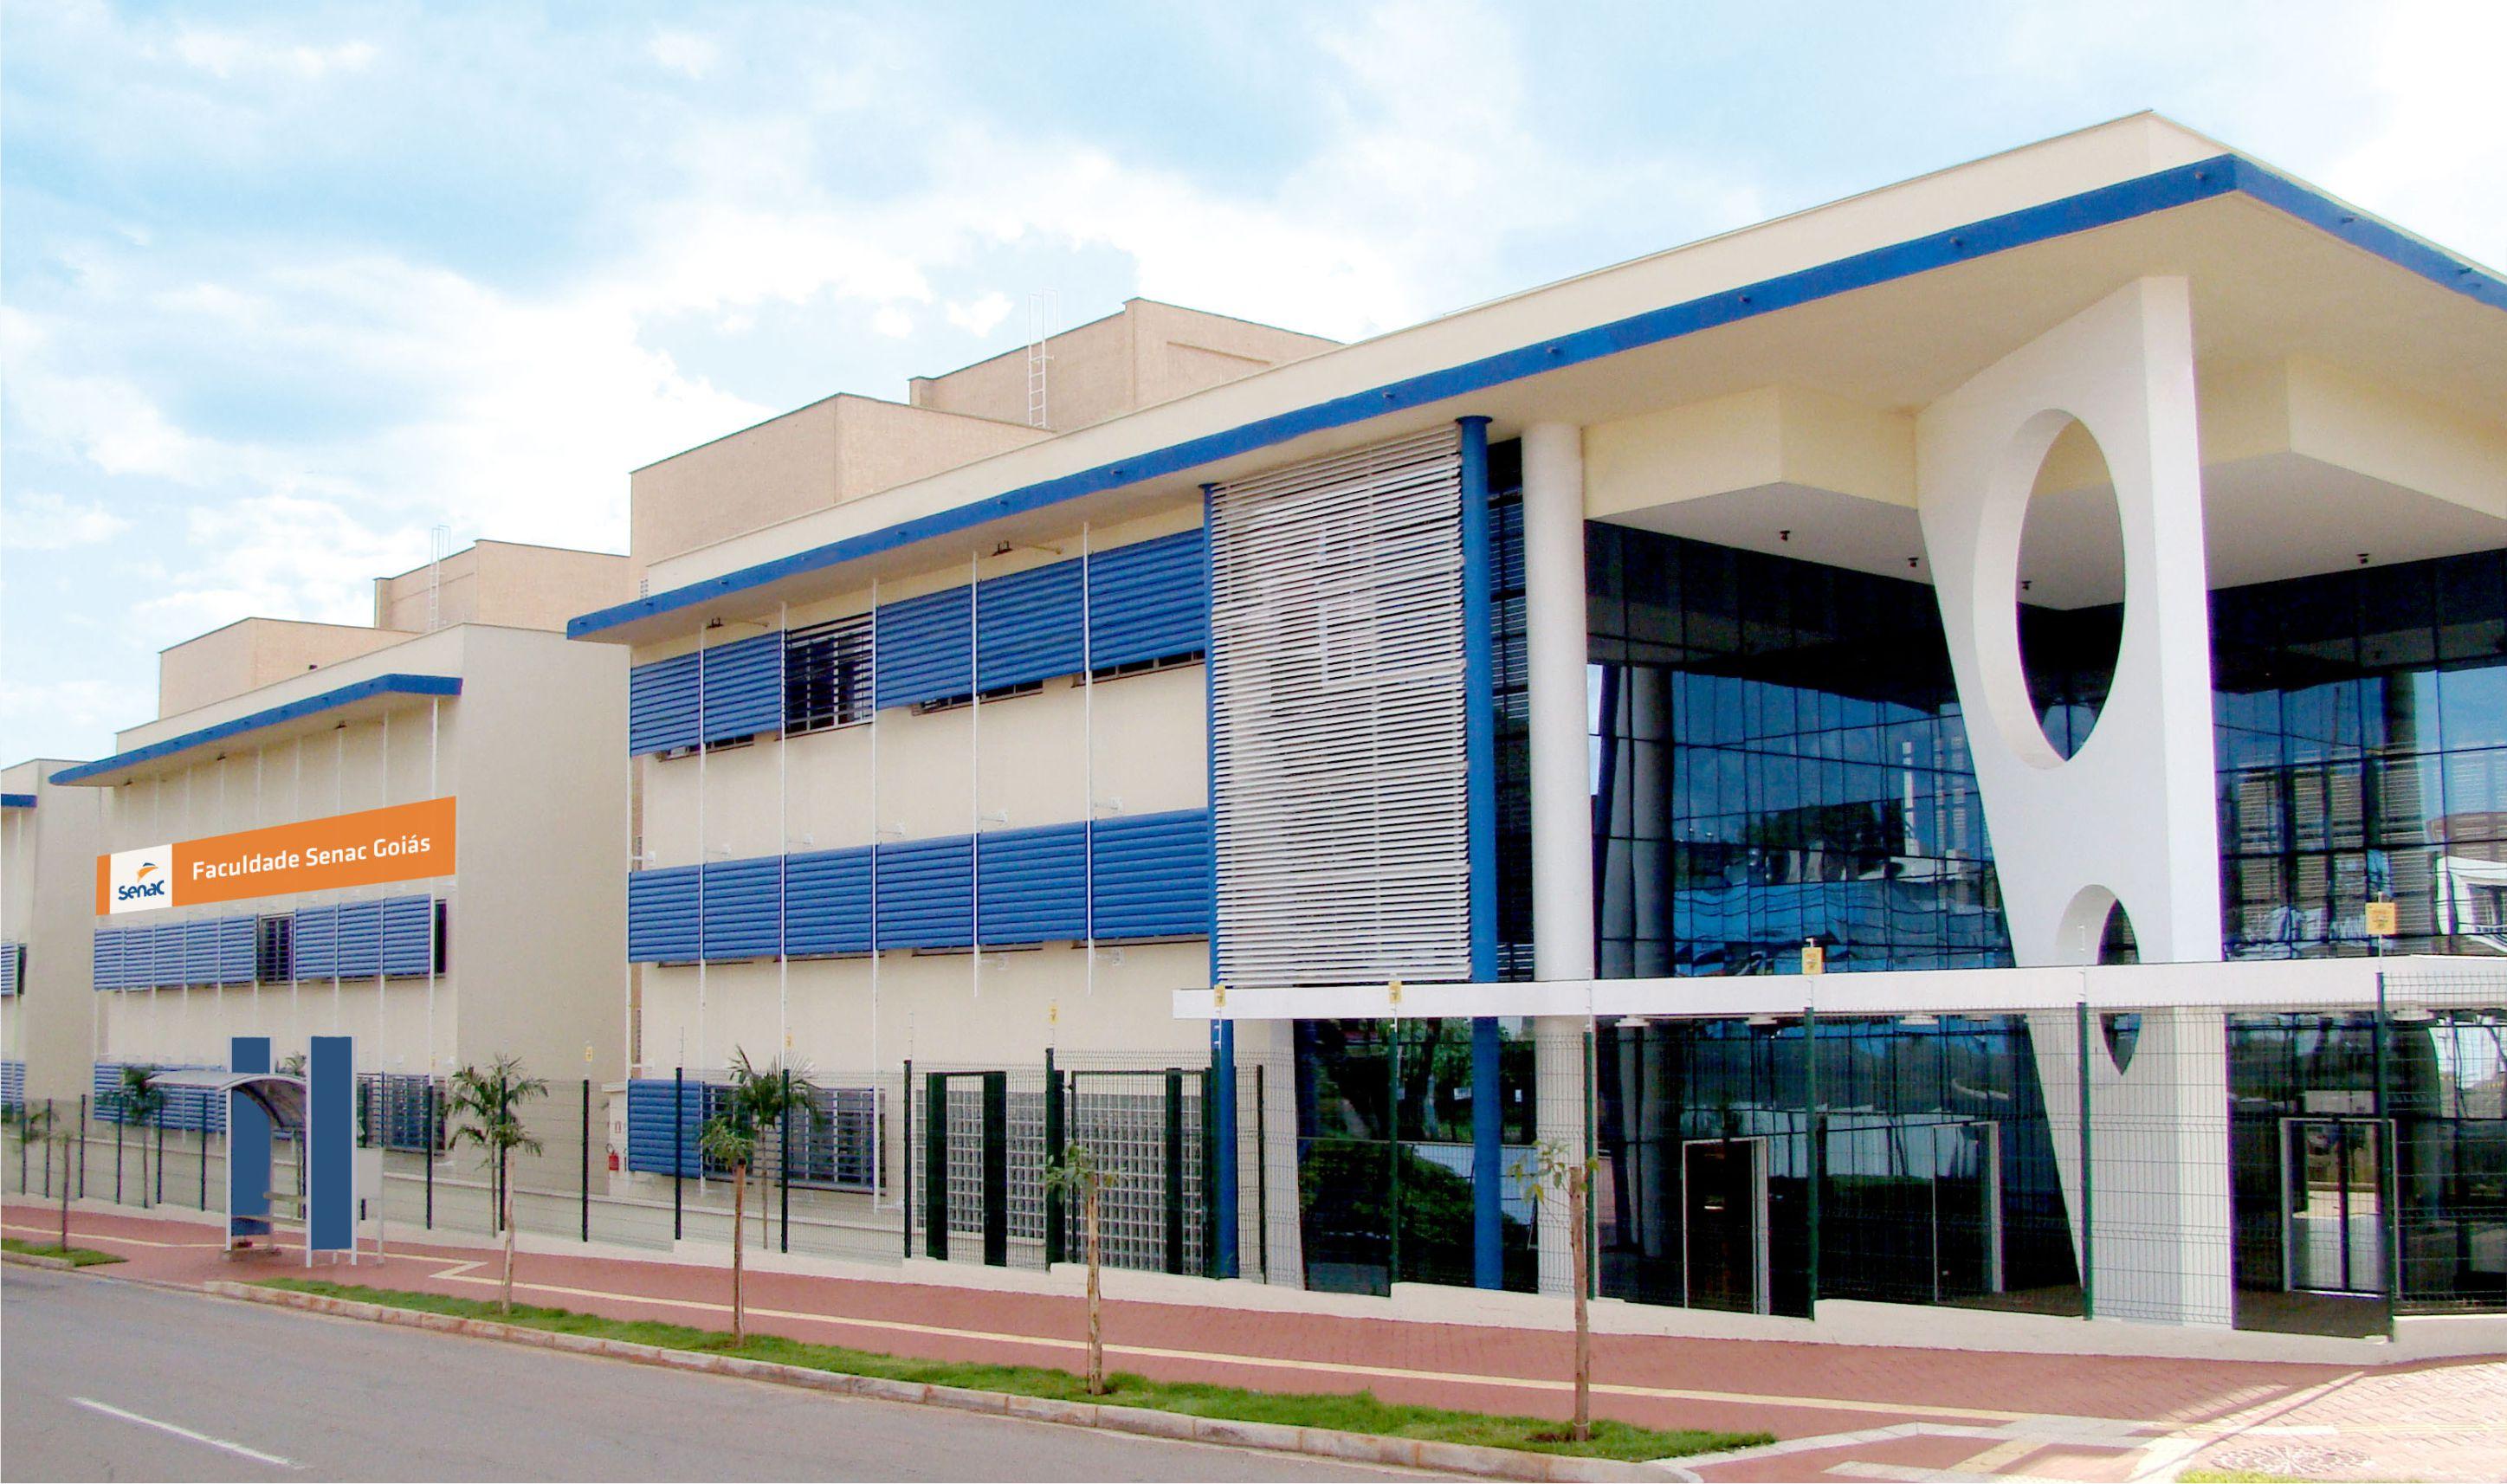 Faculdade Senac realiza aulão gratuito preparatório para o Enem